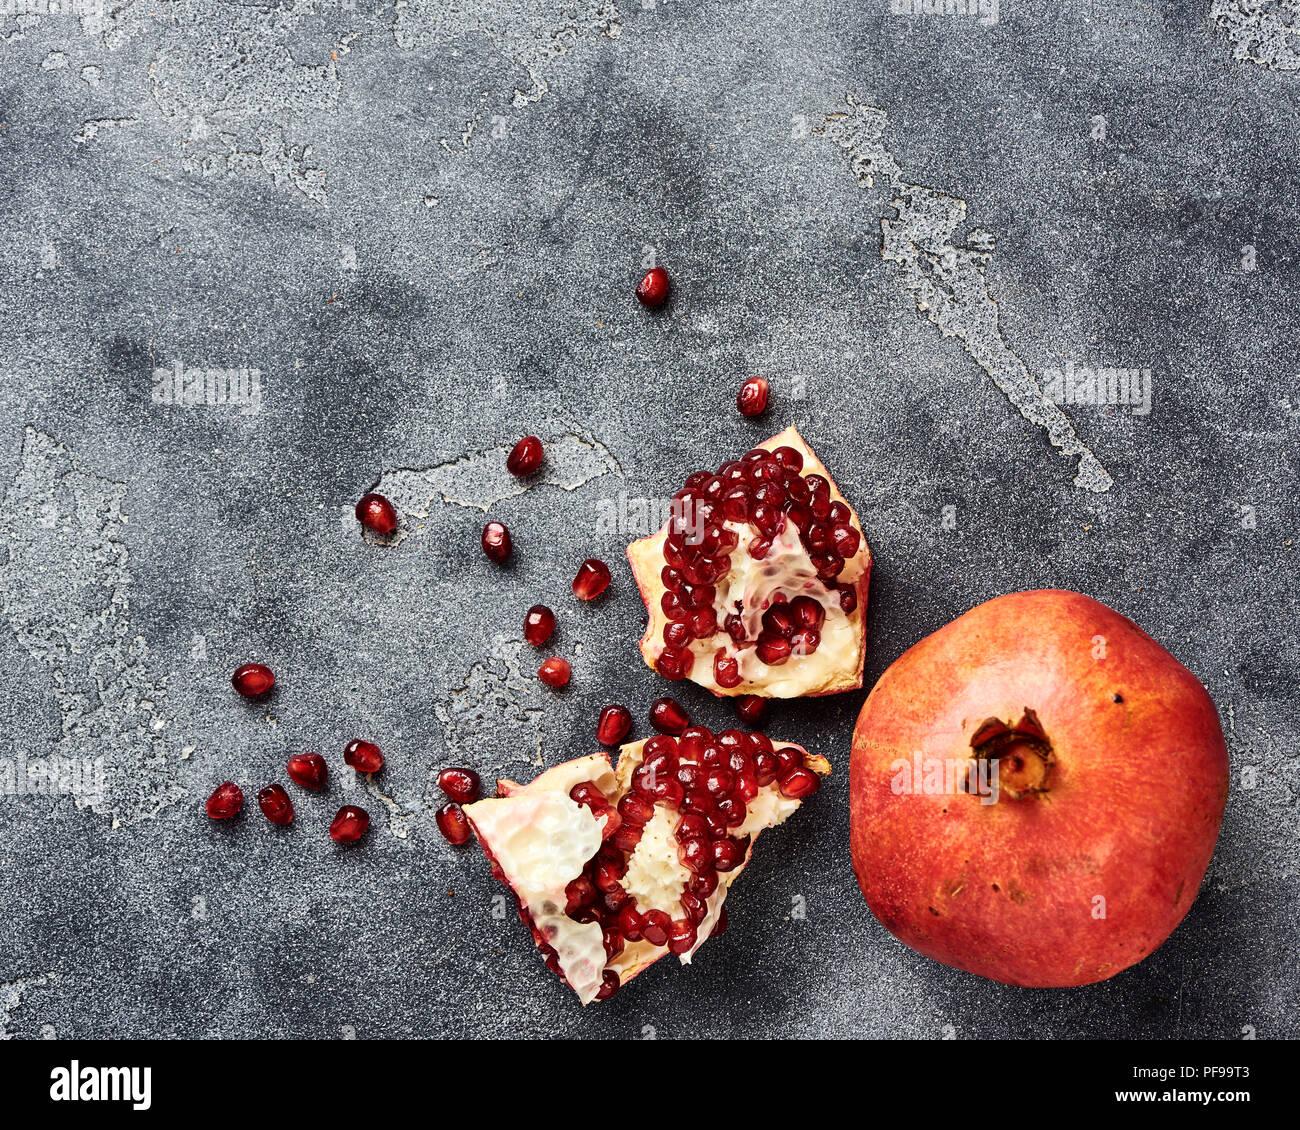 Fruits avec graines de grenade sur fond gris avec copie espace. Vue d'en haut. Photo Stock